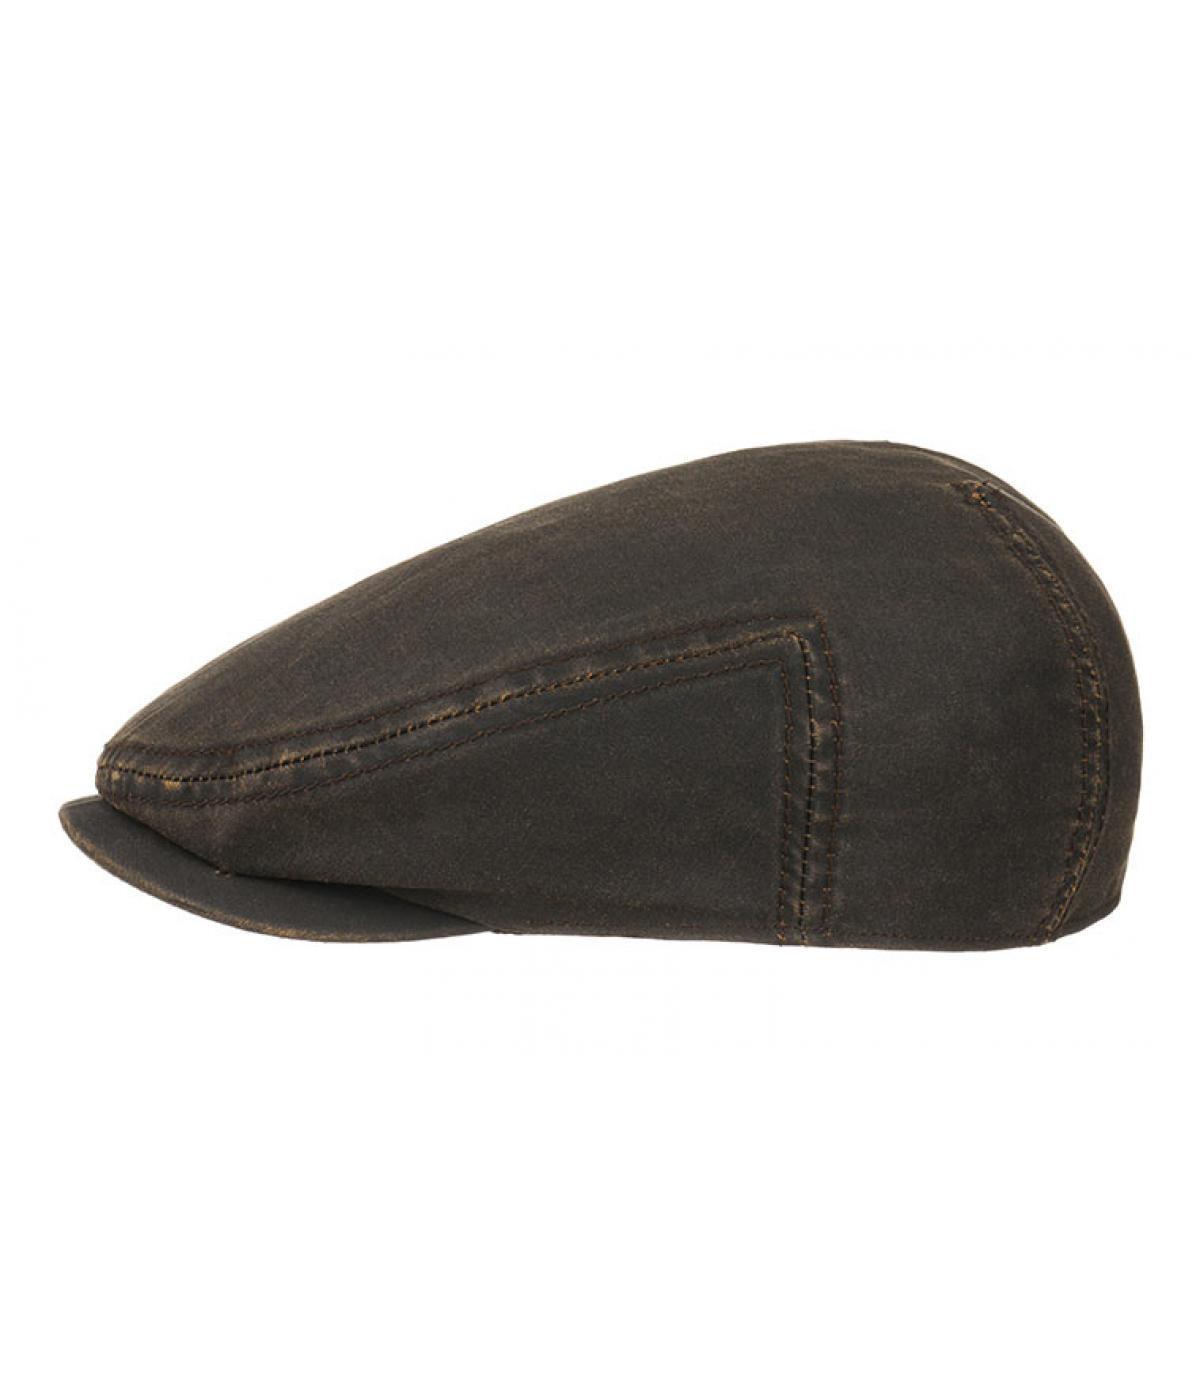 Dettagli Driver cap dark brown - image 2